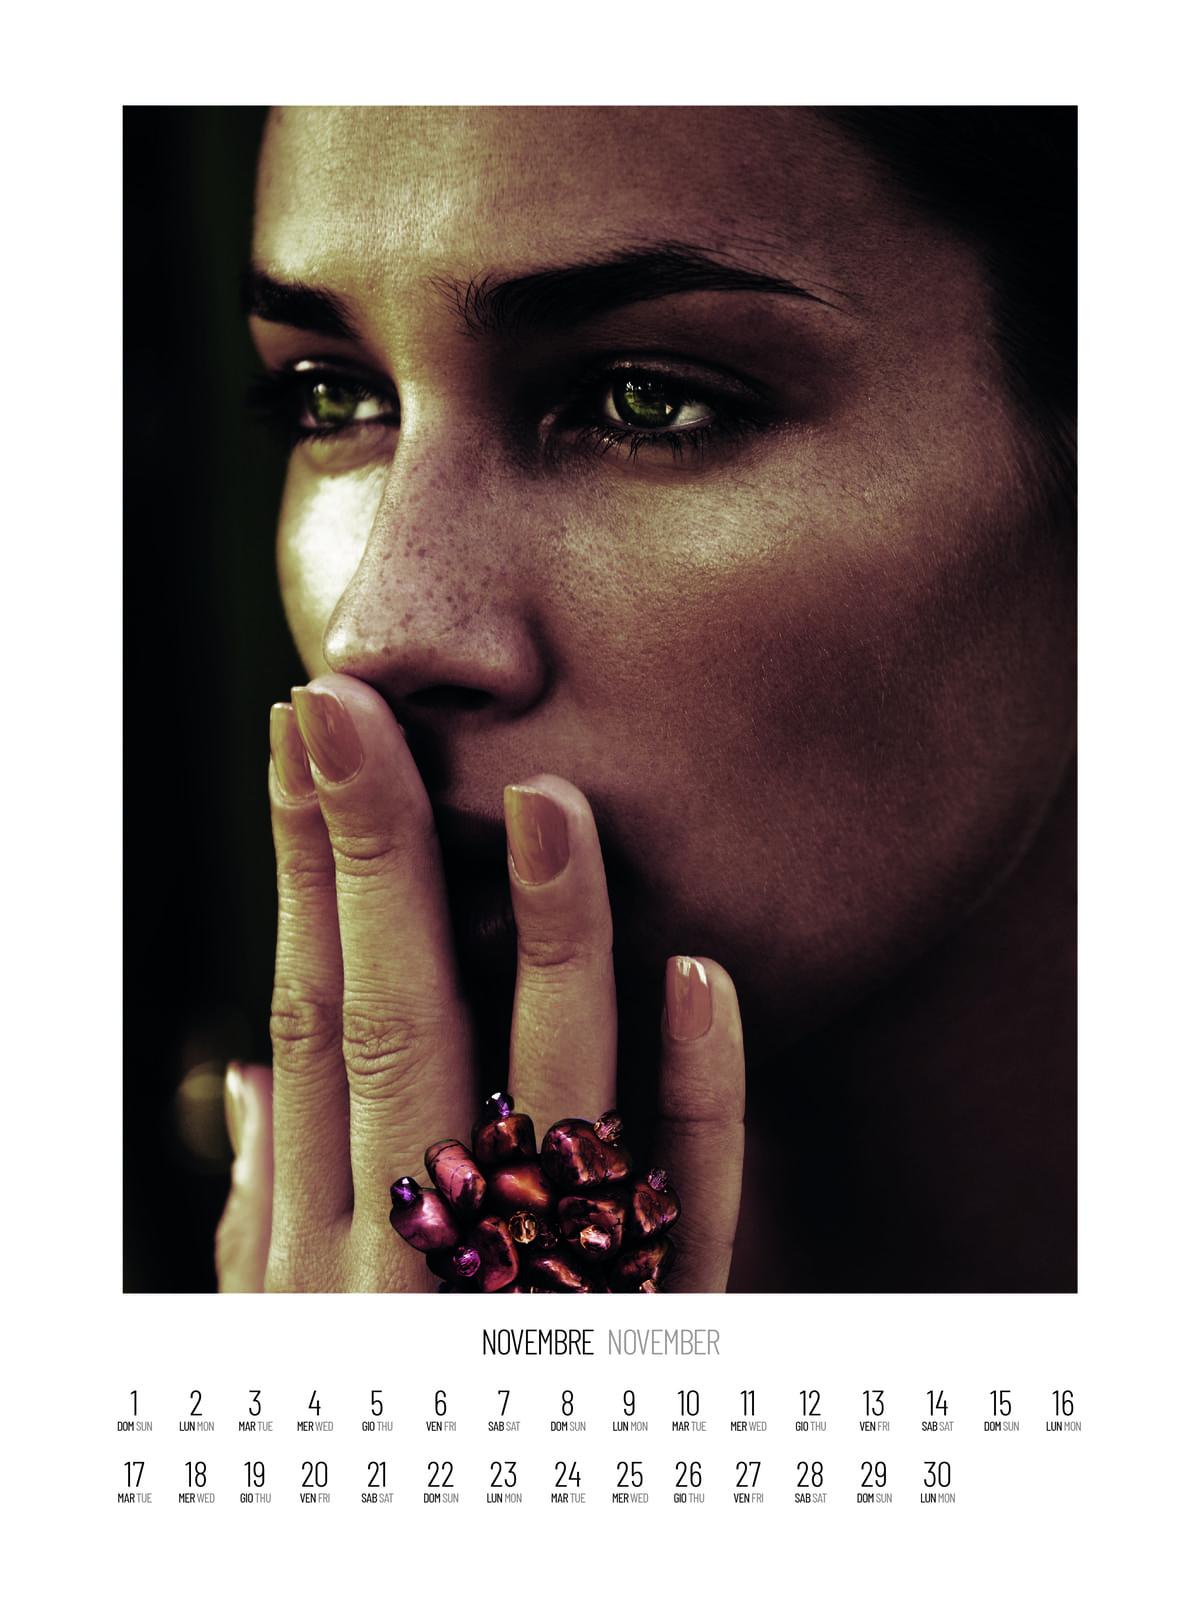 , Lotta alla violenza sulle donne, presentato il calendario benefico con foto di Andrea Varani